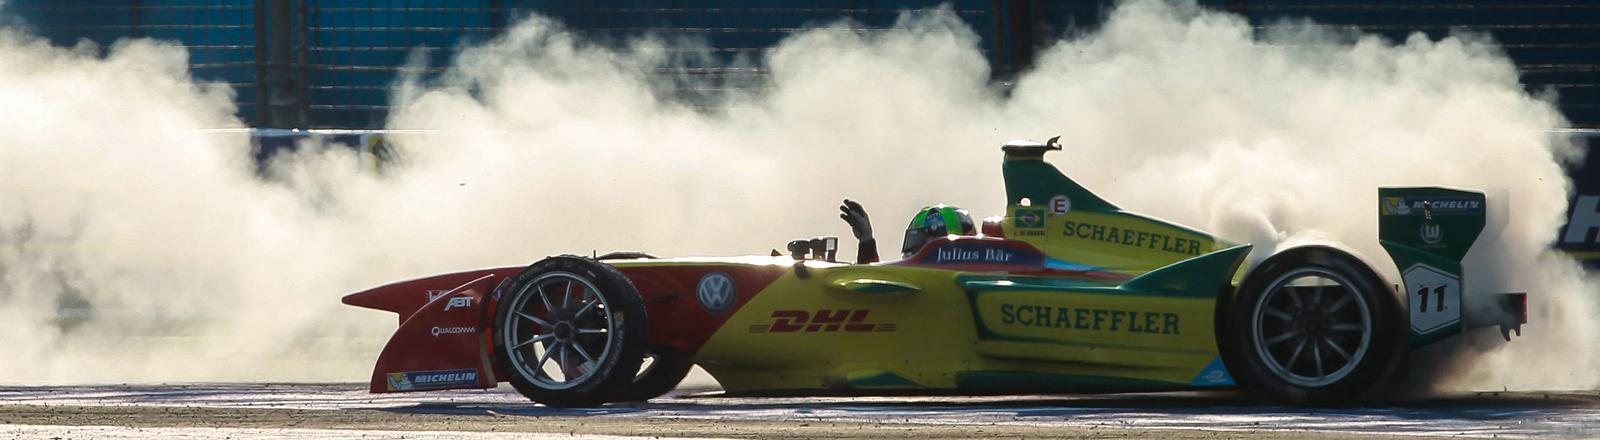 Ein Formula E Rennwagen